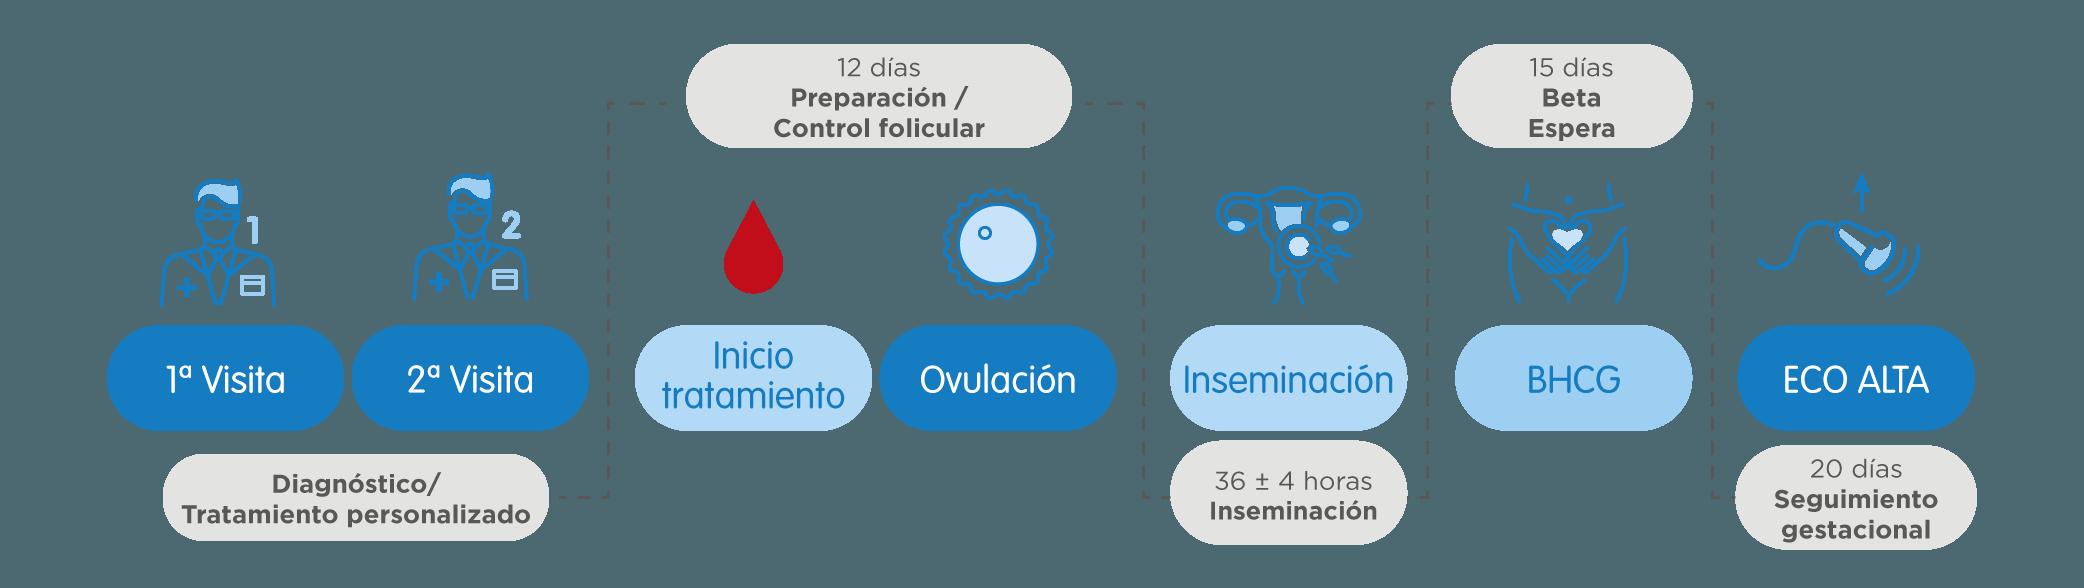 Infografía Inseminación Artificial (IA)